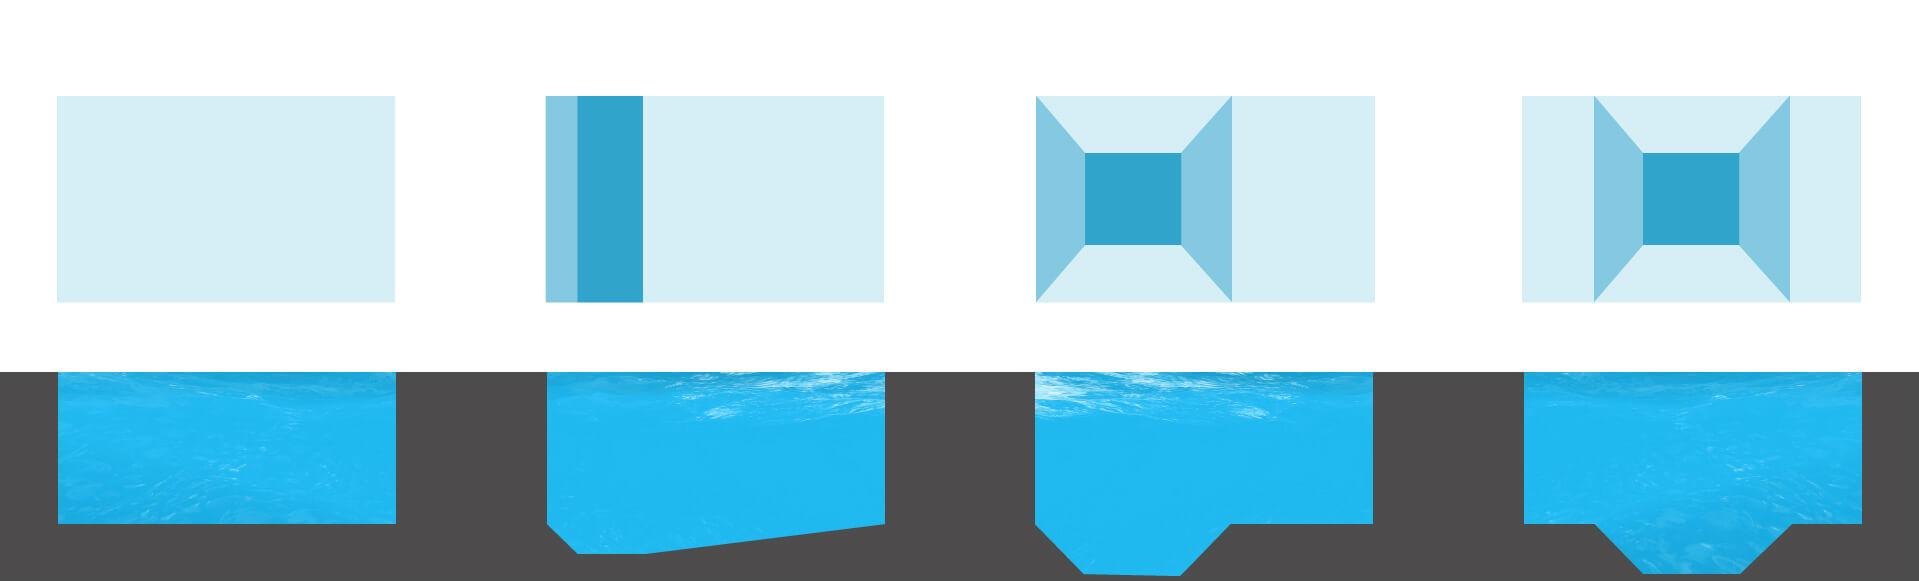 dimensioni tipologia fondo piscine